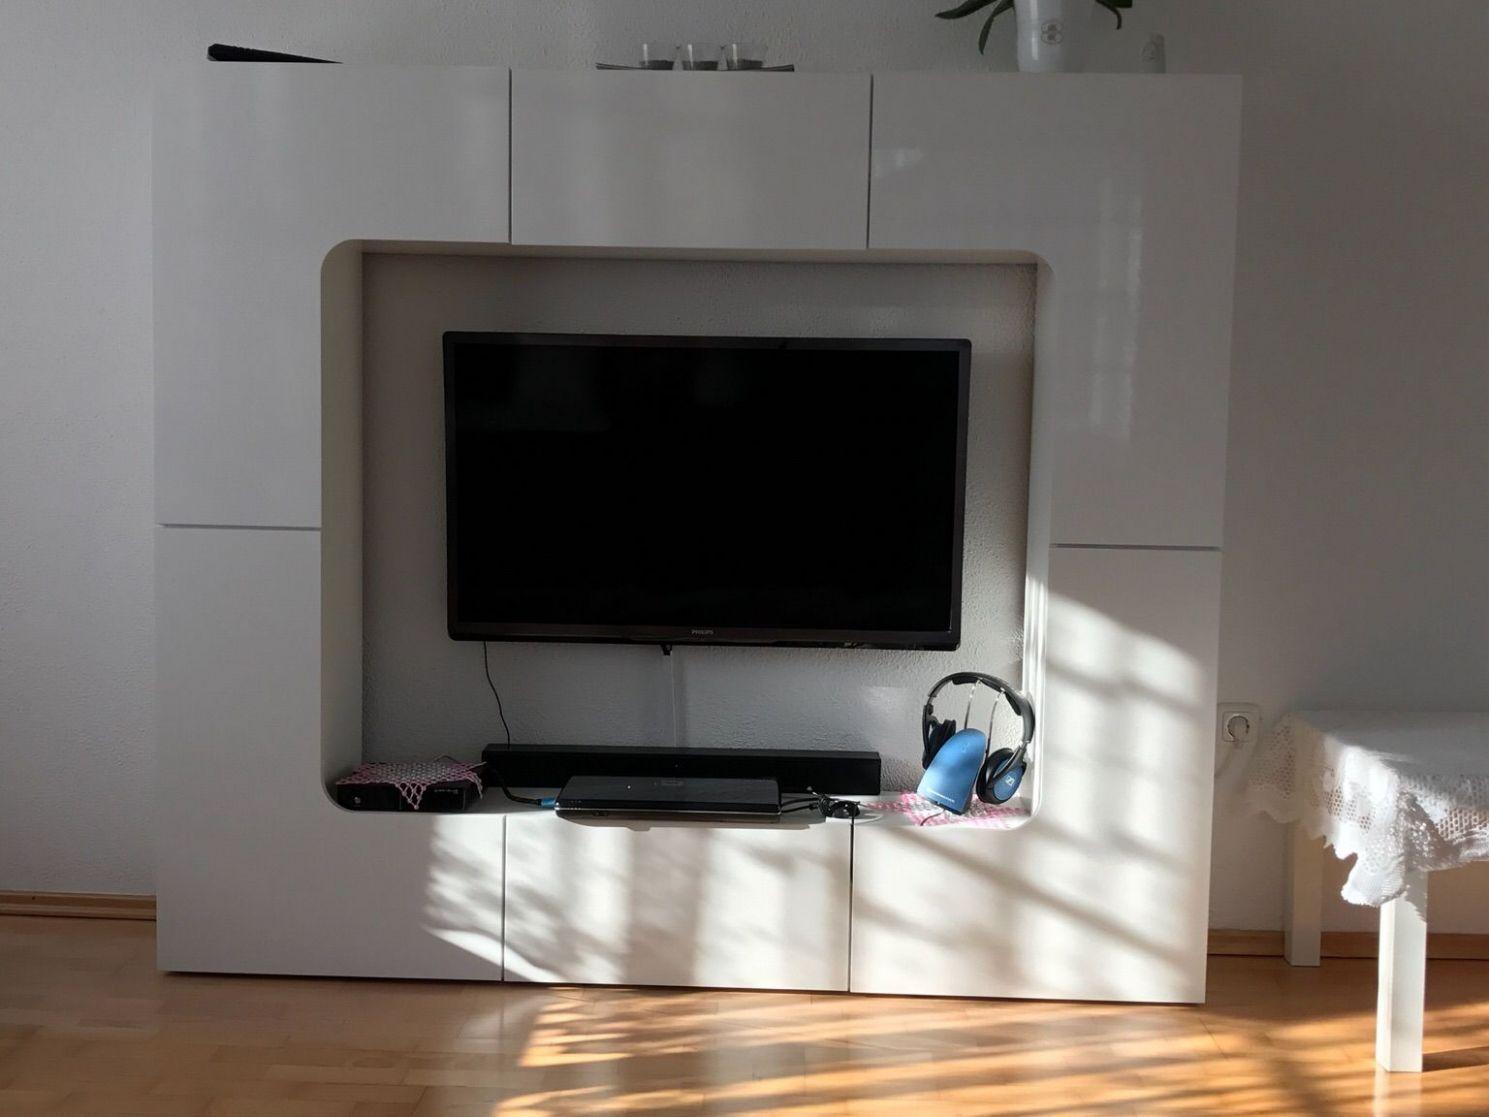 7 Wohnzimmerschrank Quadratisch di 7